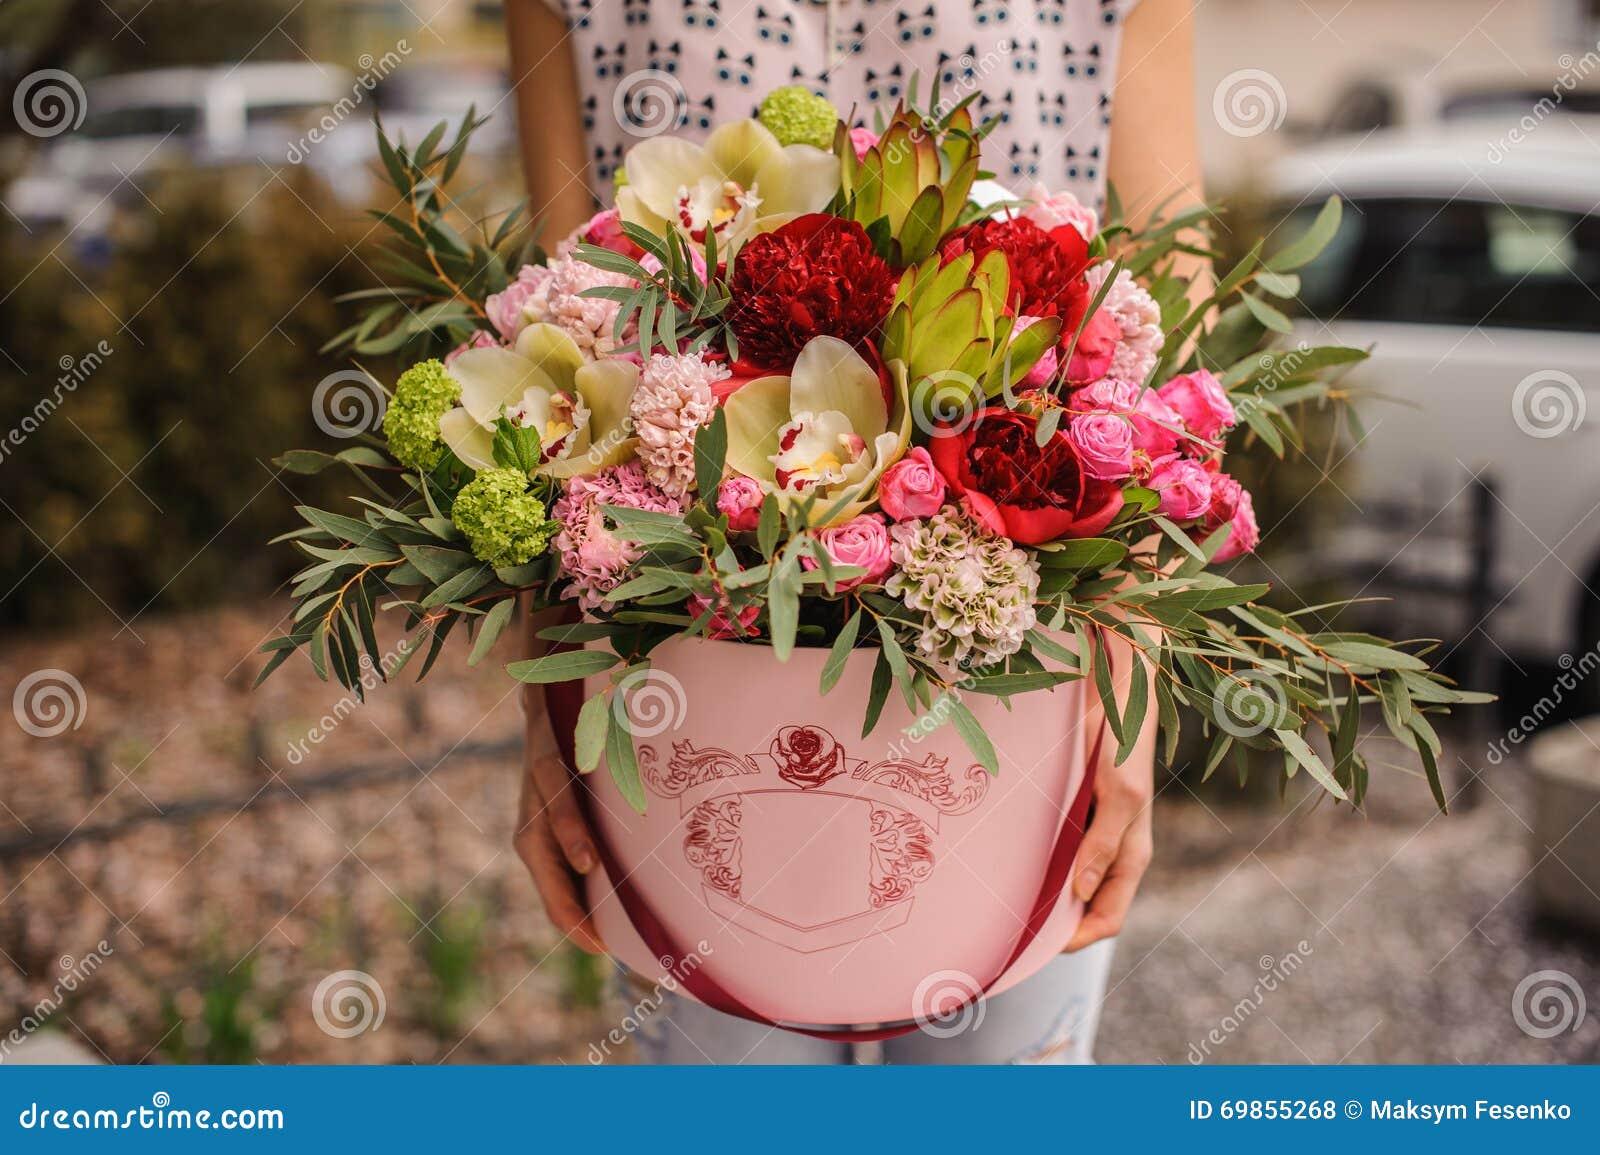 beau bouquet de fleur dans la bo te ronde avec le couvercle photo stock image du salutation. Black Bedroom Furniture Sets. Home Design Ideas